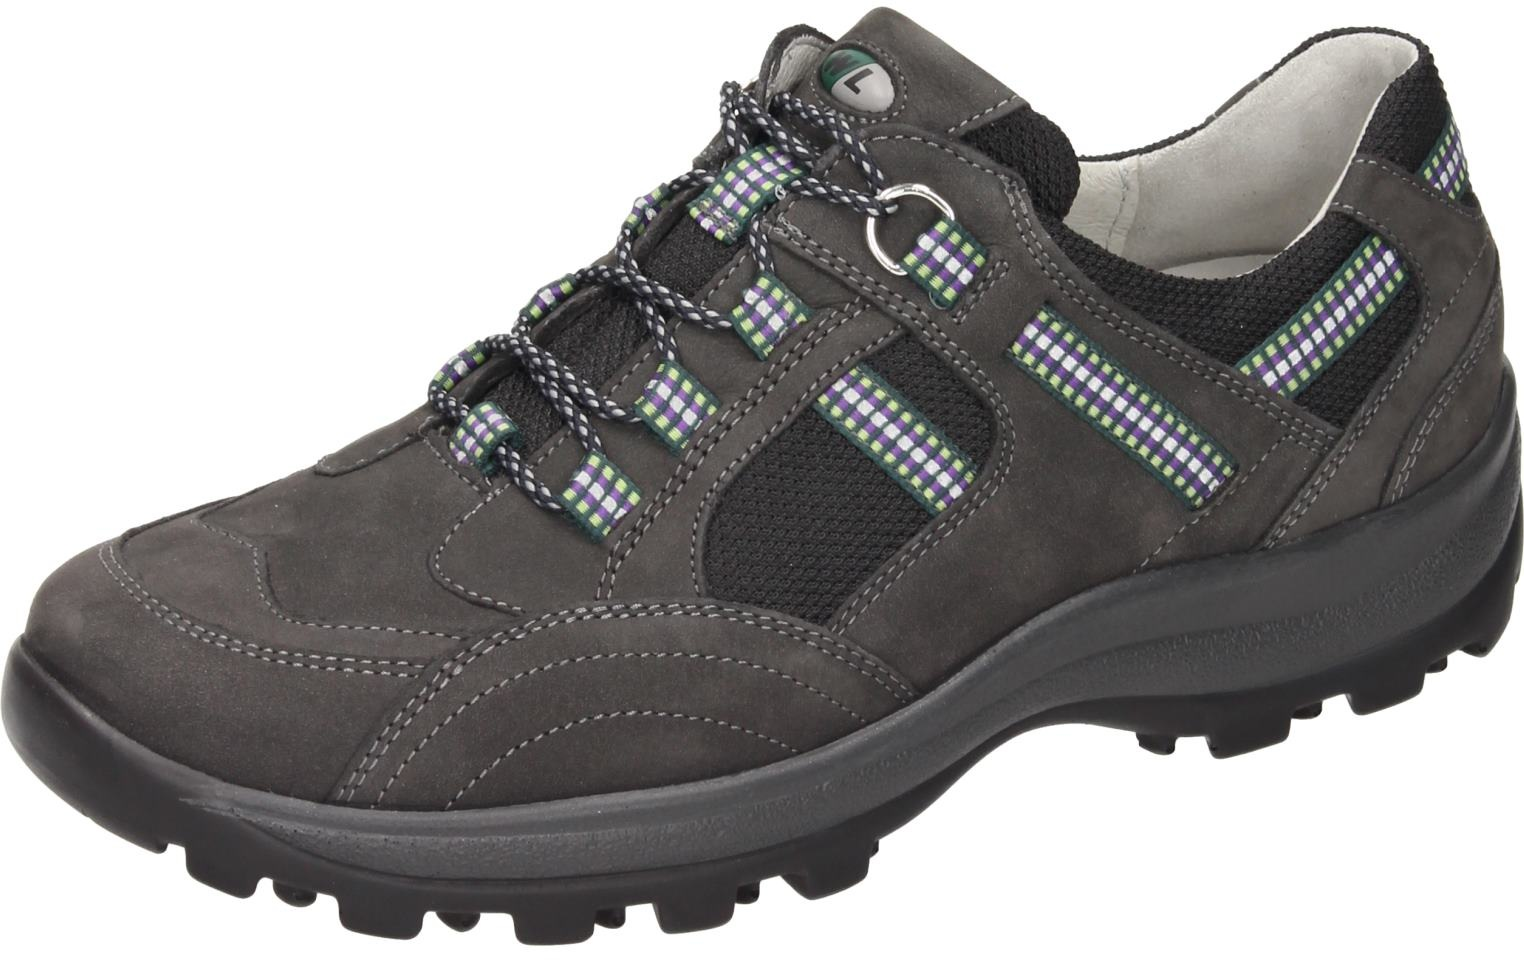 Waldläufer Damen Schuhe Damen-Schnürer - H grau Nubukleder 950899